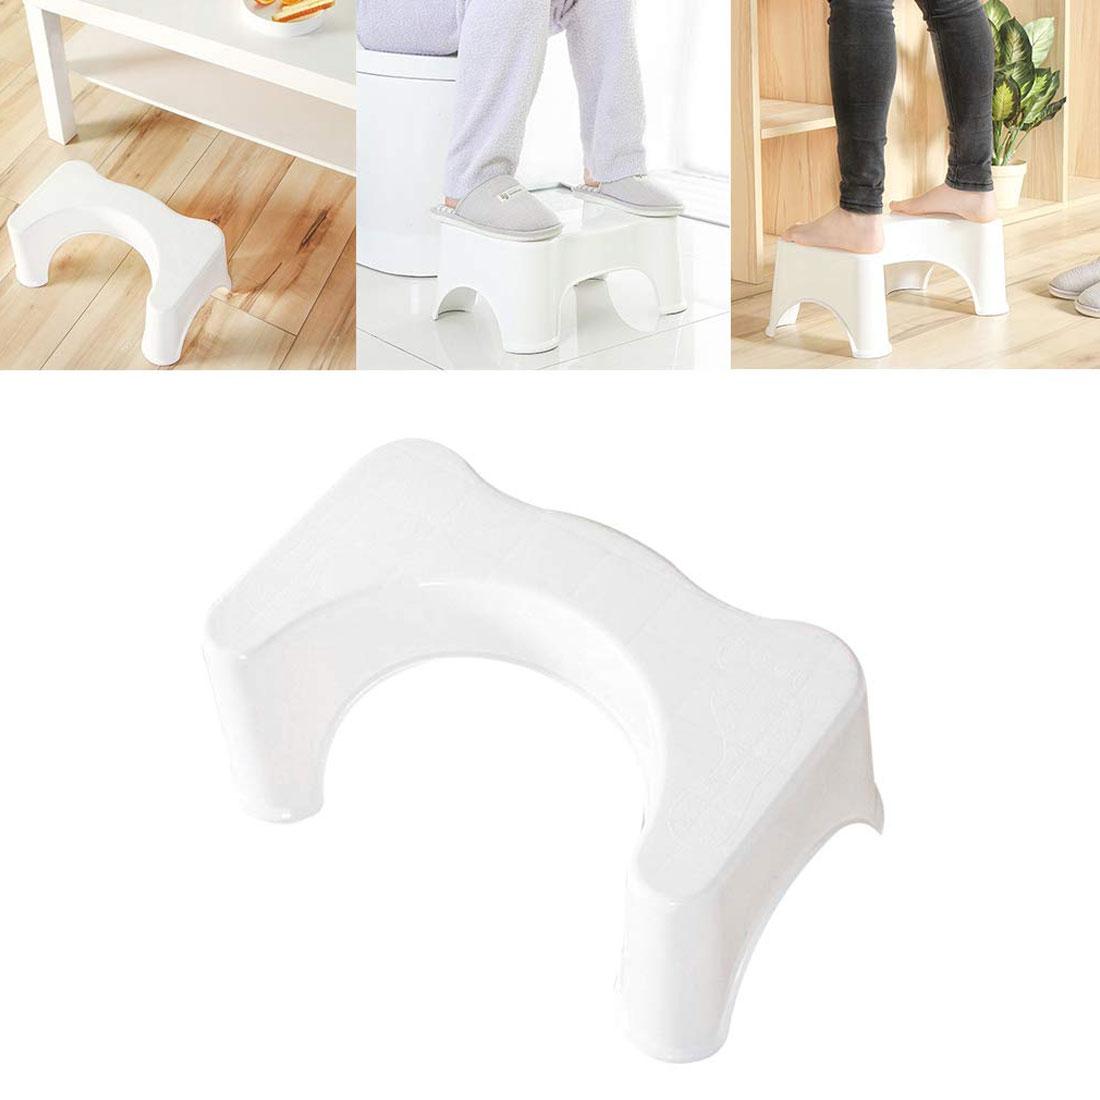 Набор для ванной, u-образный табурет для унитаза, для ванной, нескользящий табурет, вспомогательное сиденье для ног, сидение для детей, для беременных, табурет для ног